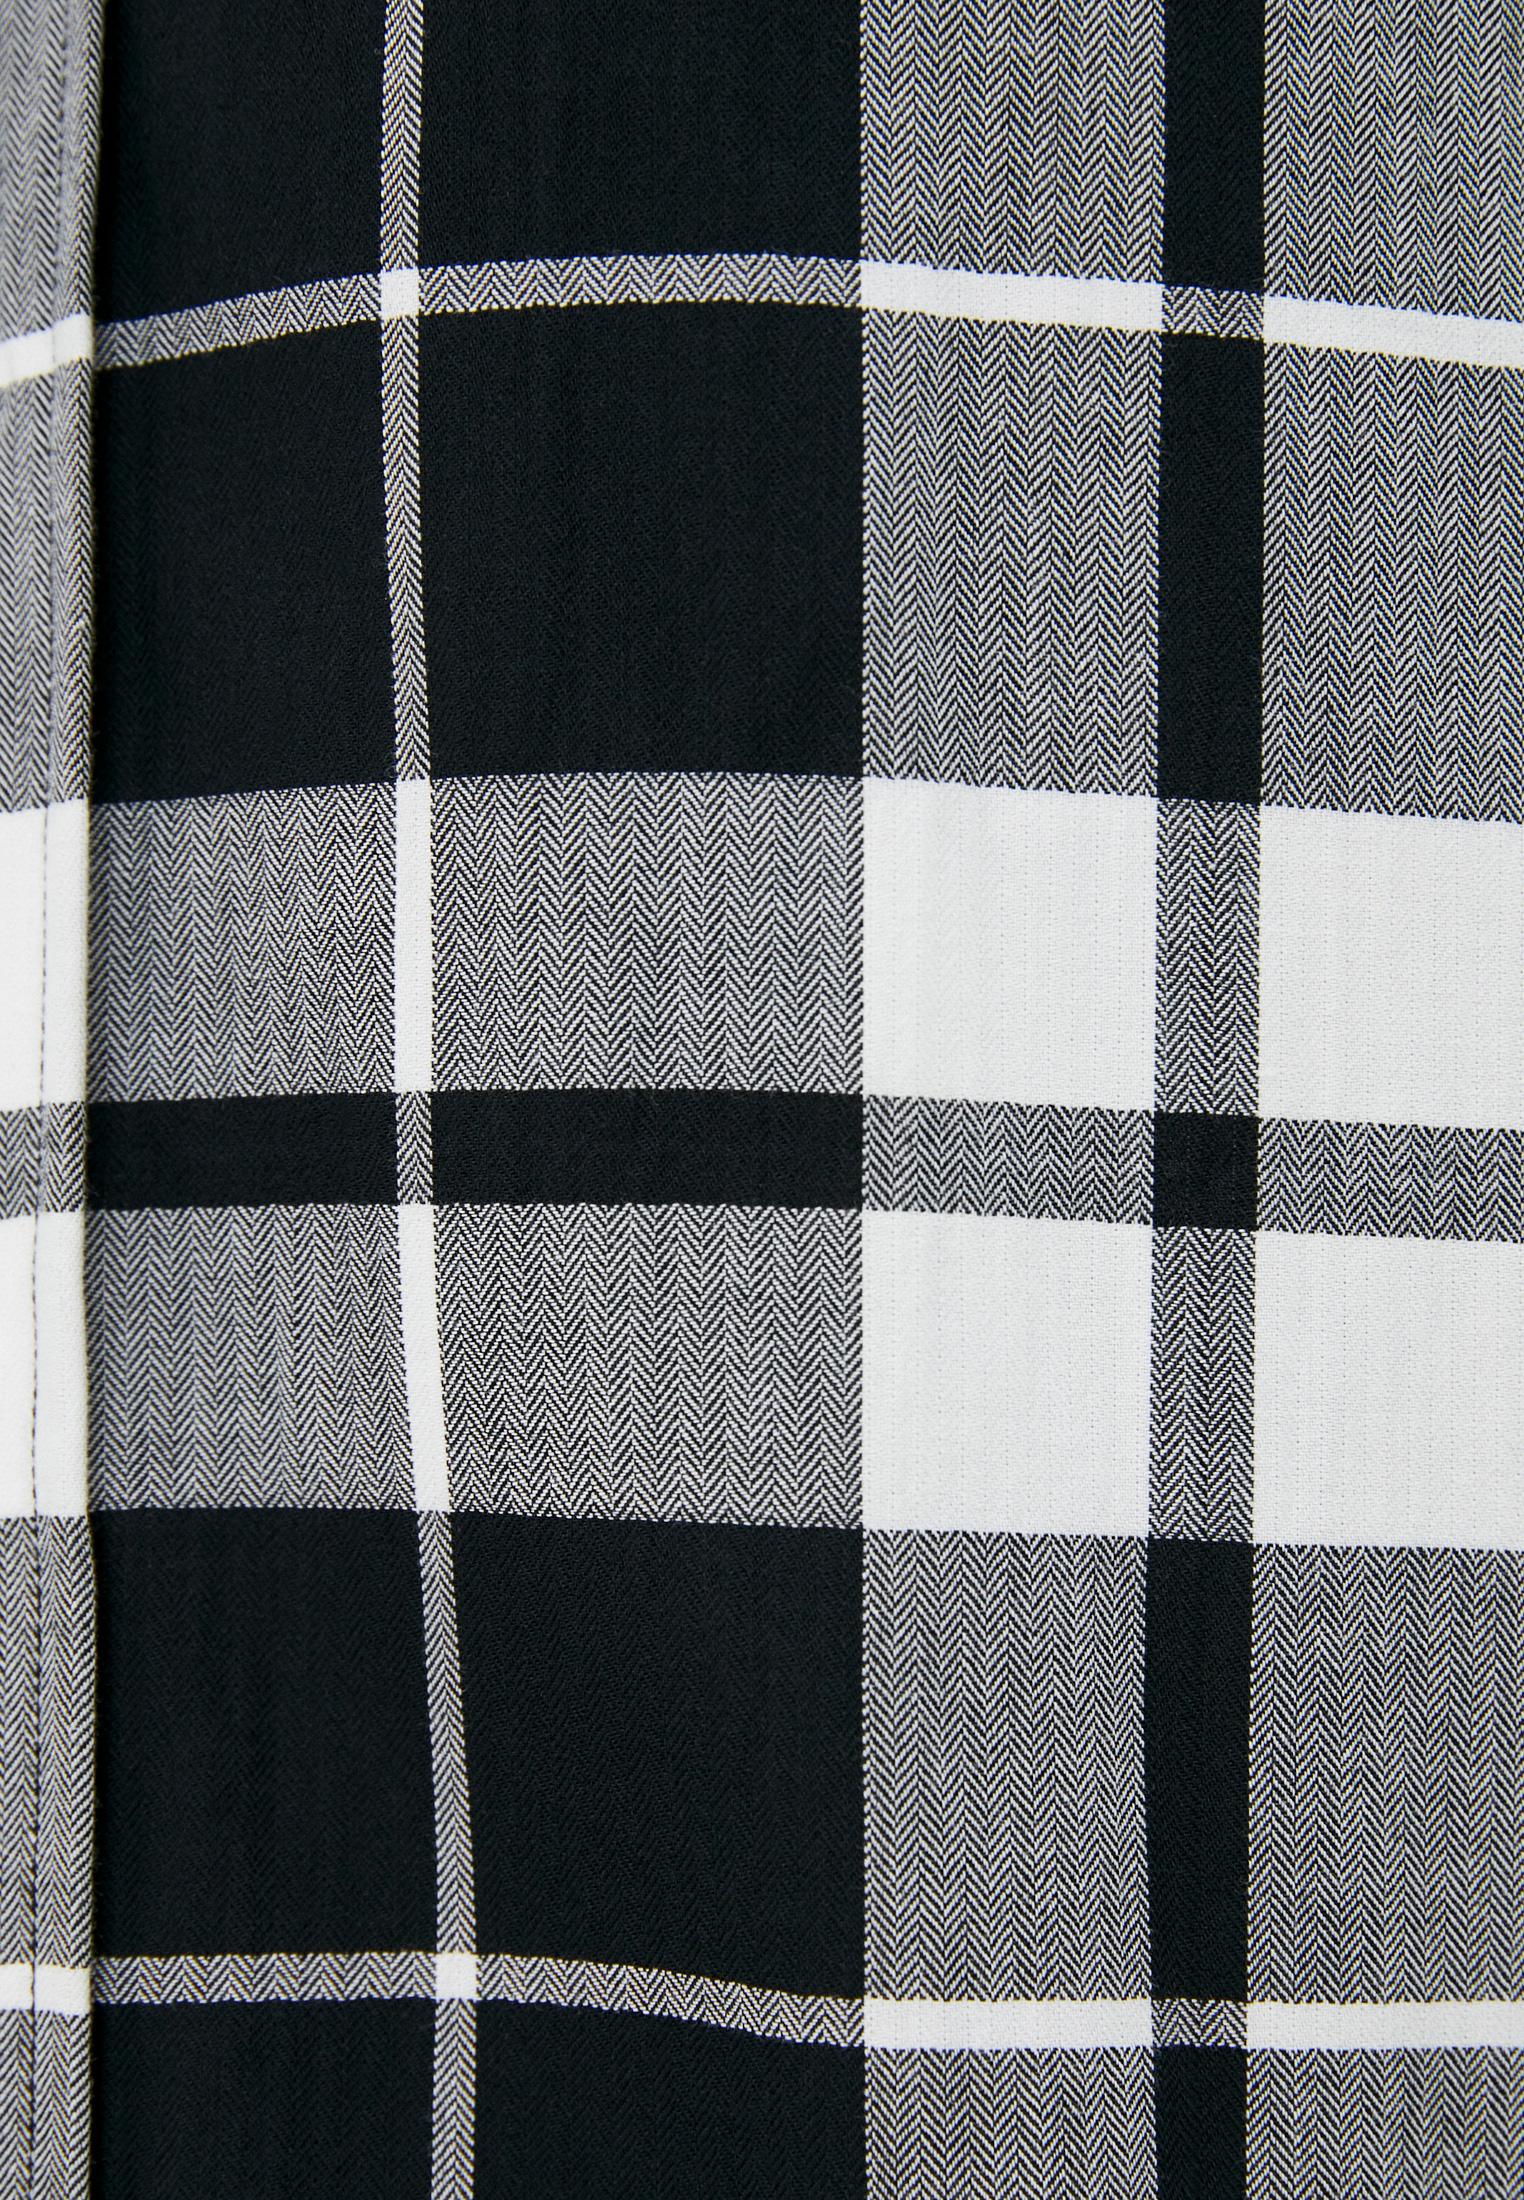 Рубашка с длинным рукавом Bikkembergs (Биккембергс) C C 009 04 S 3348: изображение 5